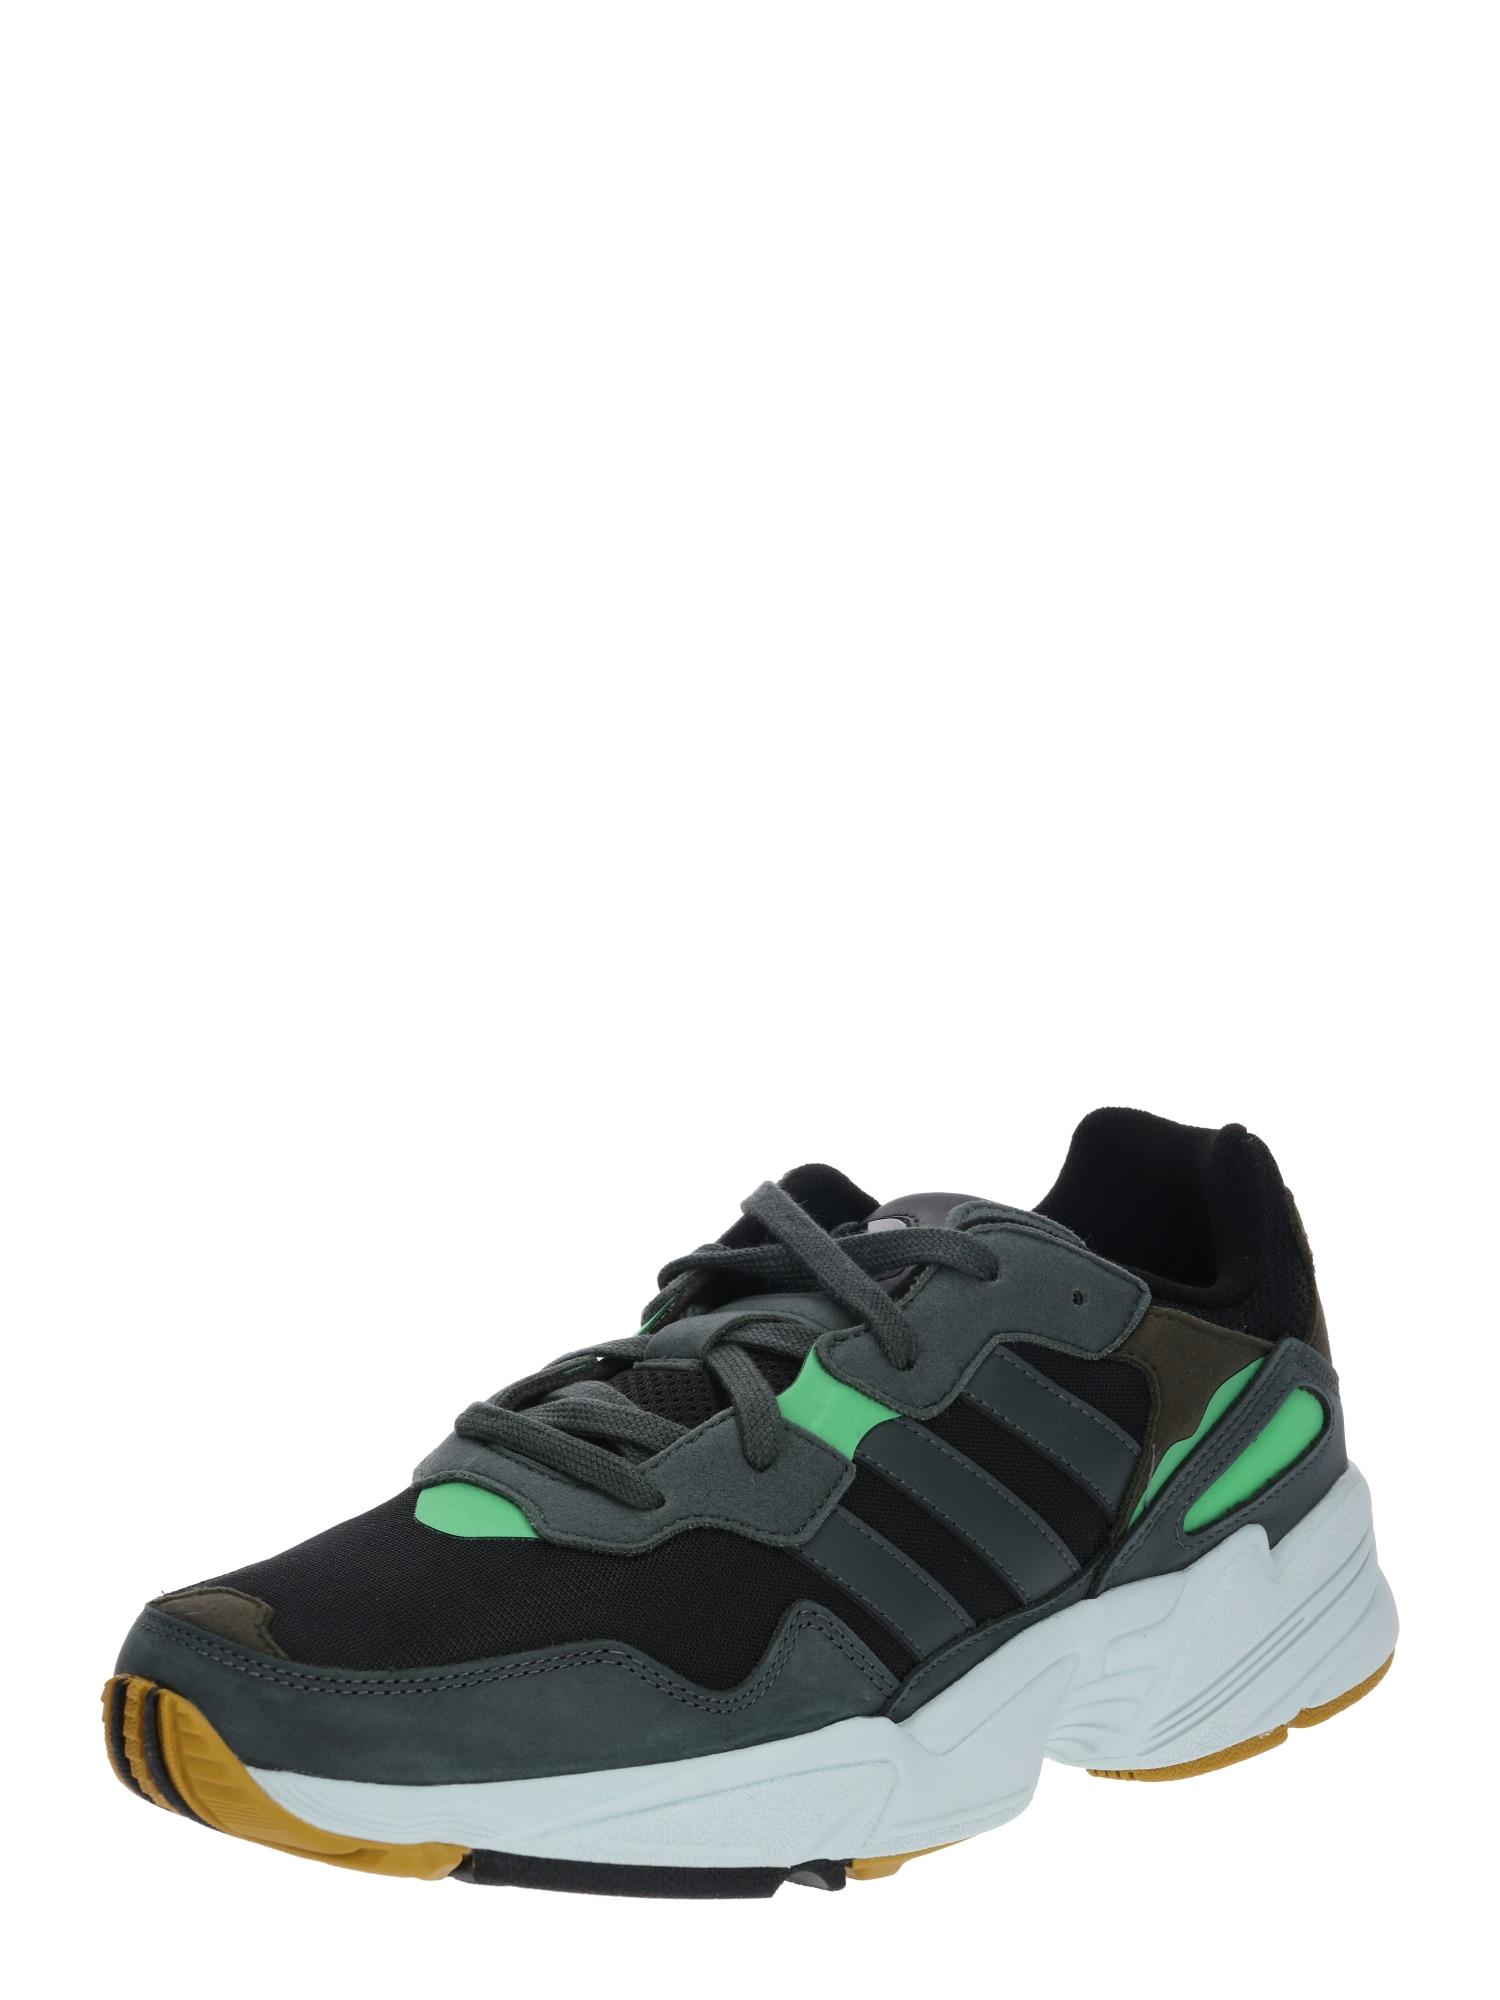 ADIDAS ORIGINALS, Heren Sneakers laag 'YUNG 96', neongroen / zwart